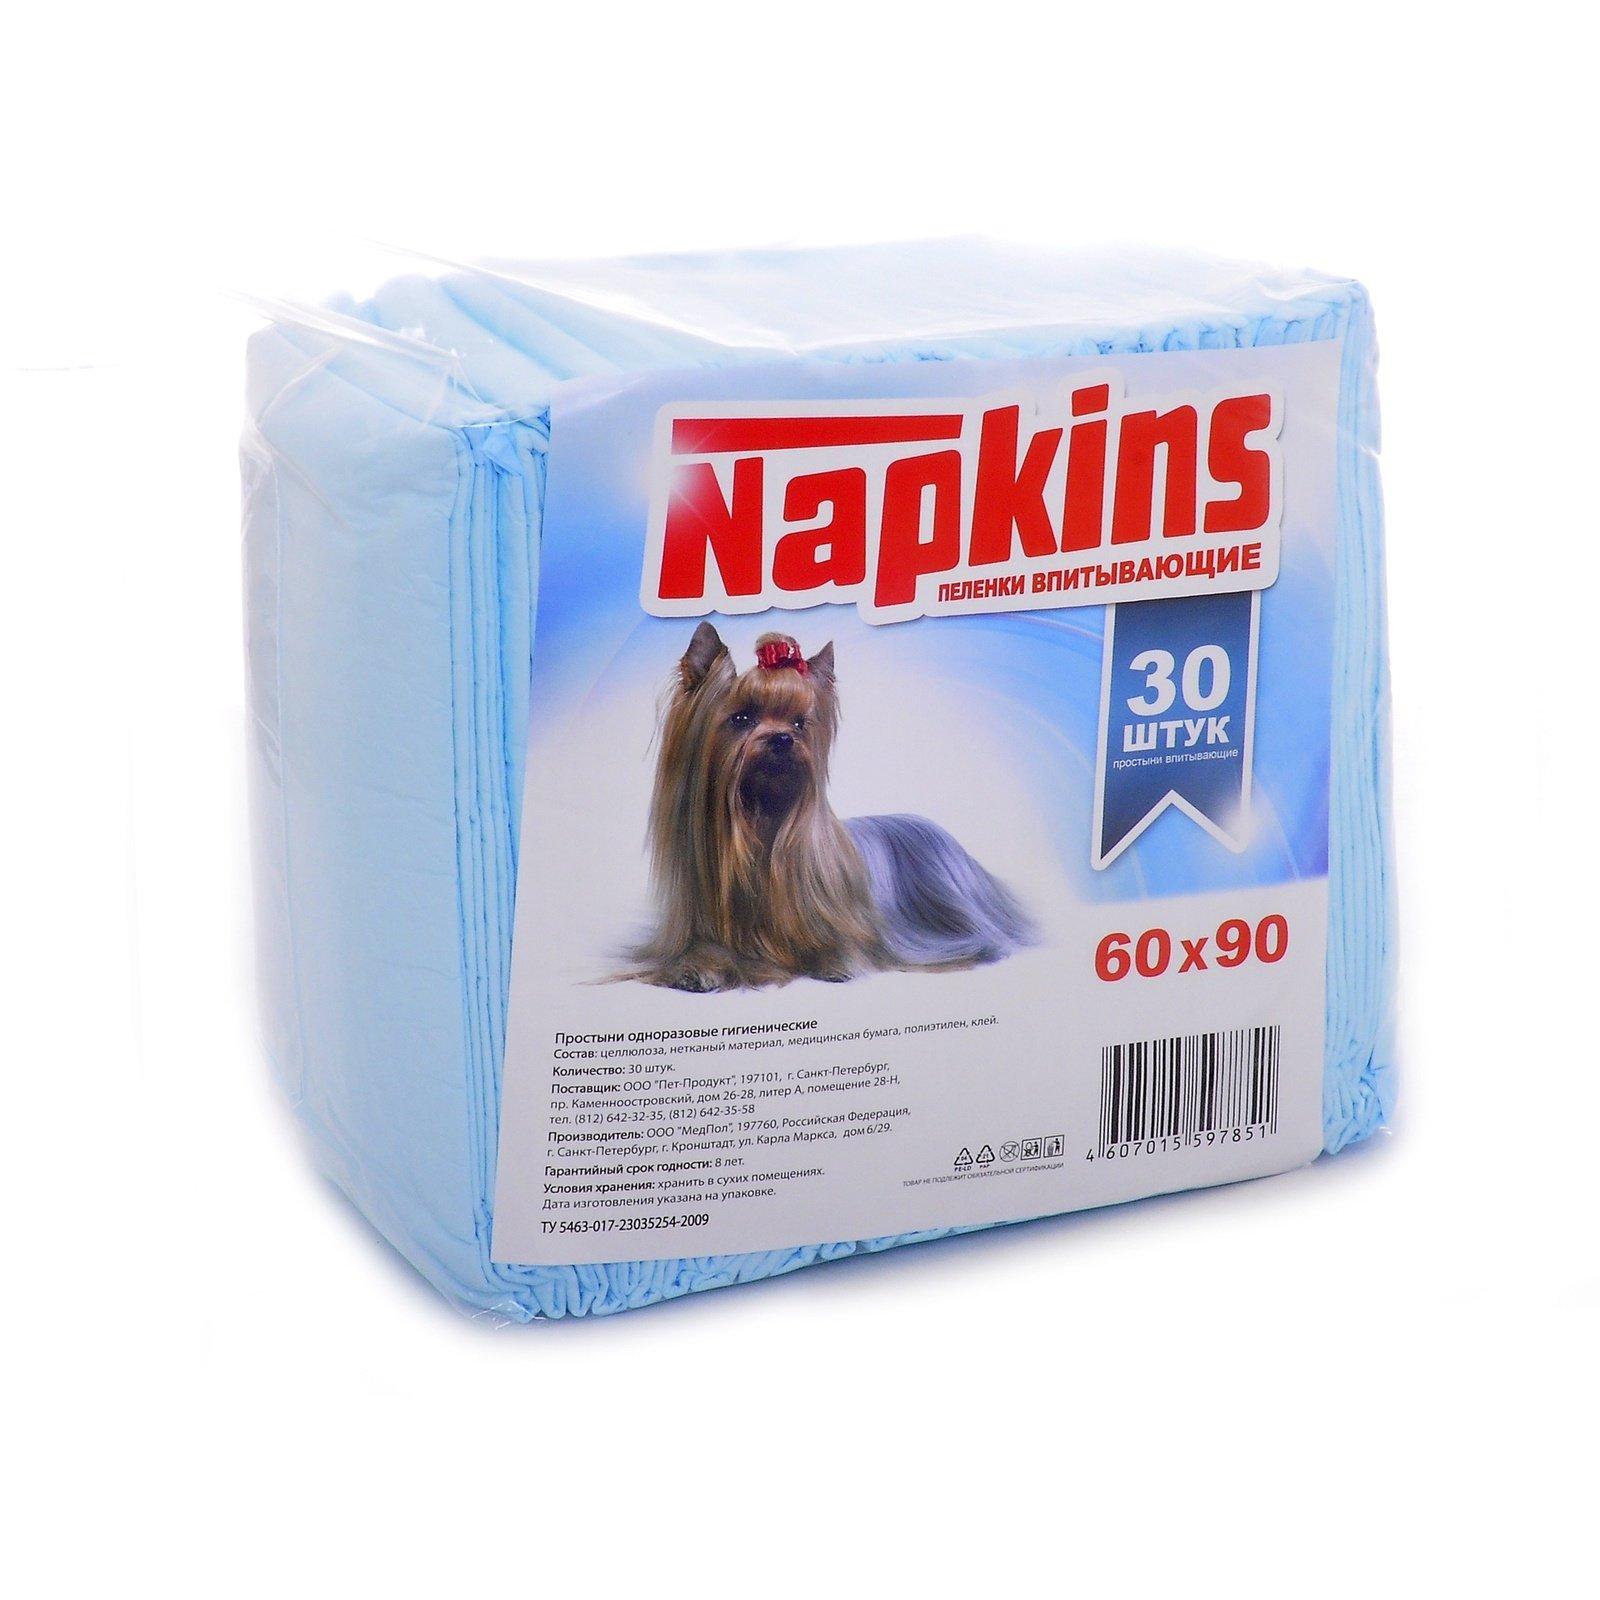 NAPKINS Впитывающие пеленки для собак 60x90, 30 шт. (300 г)